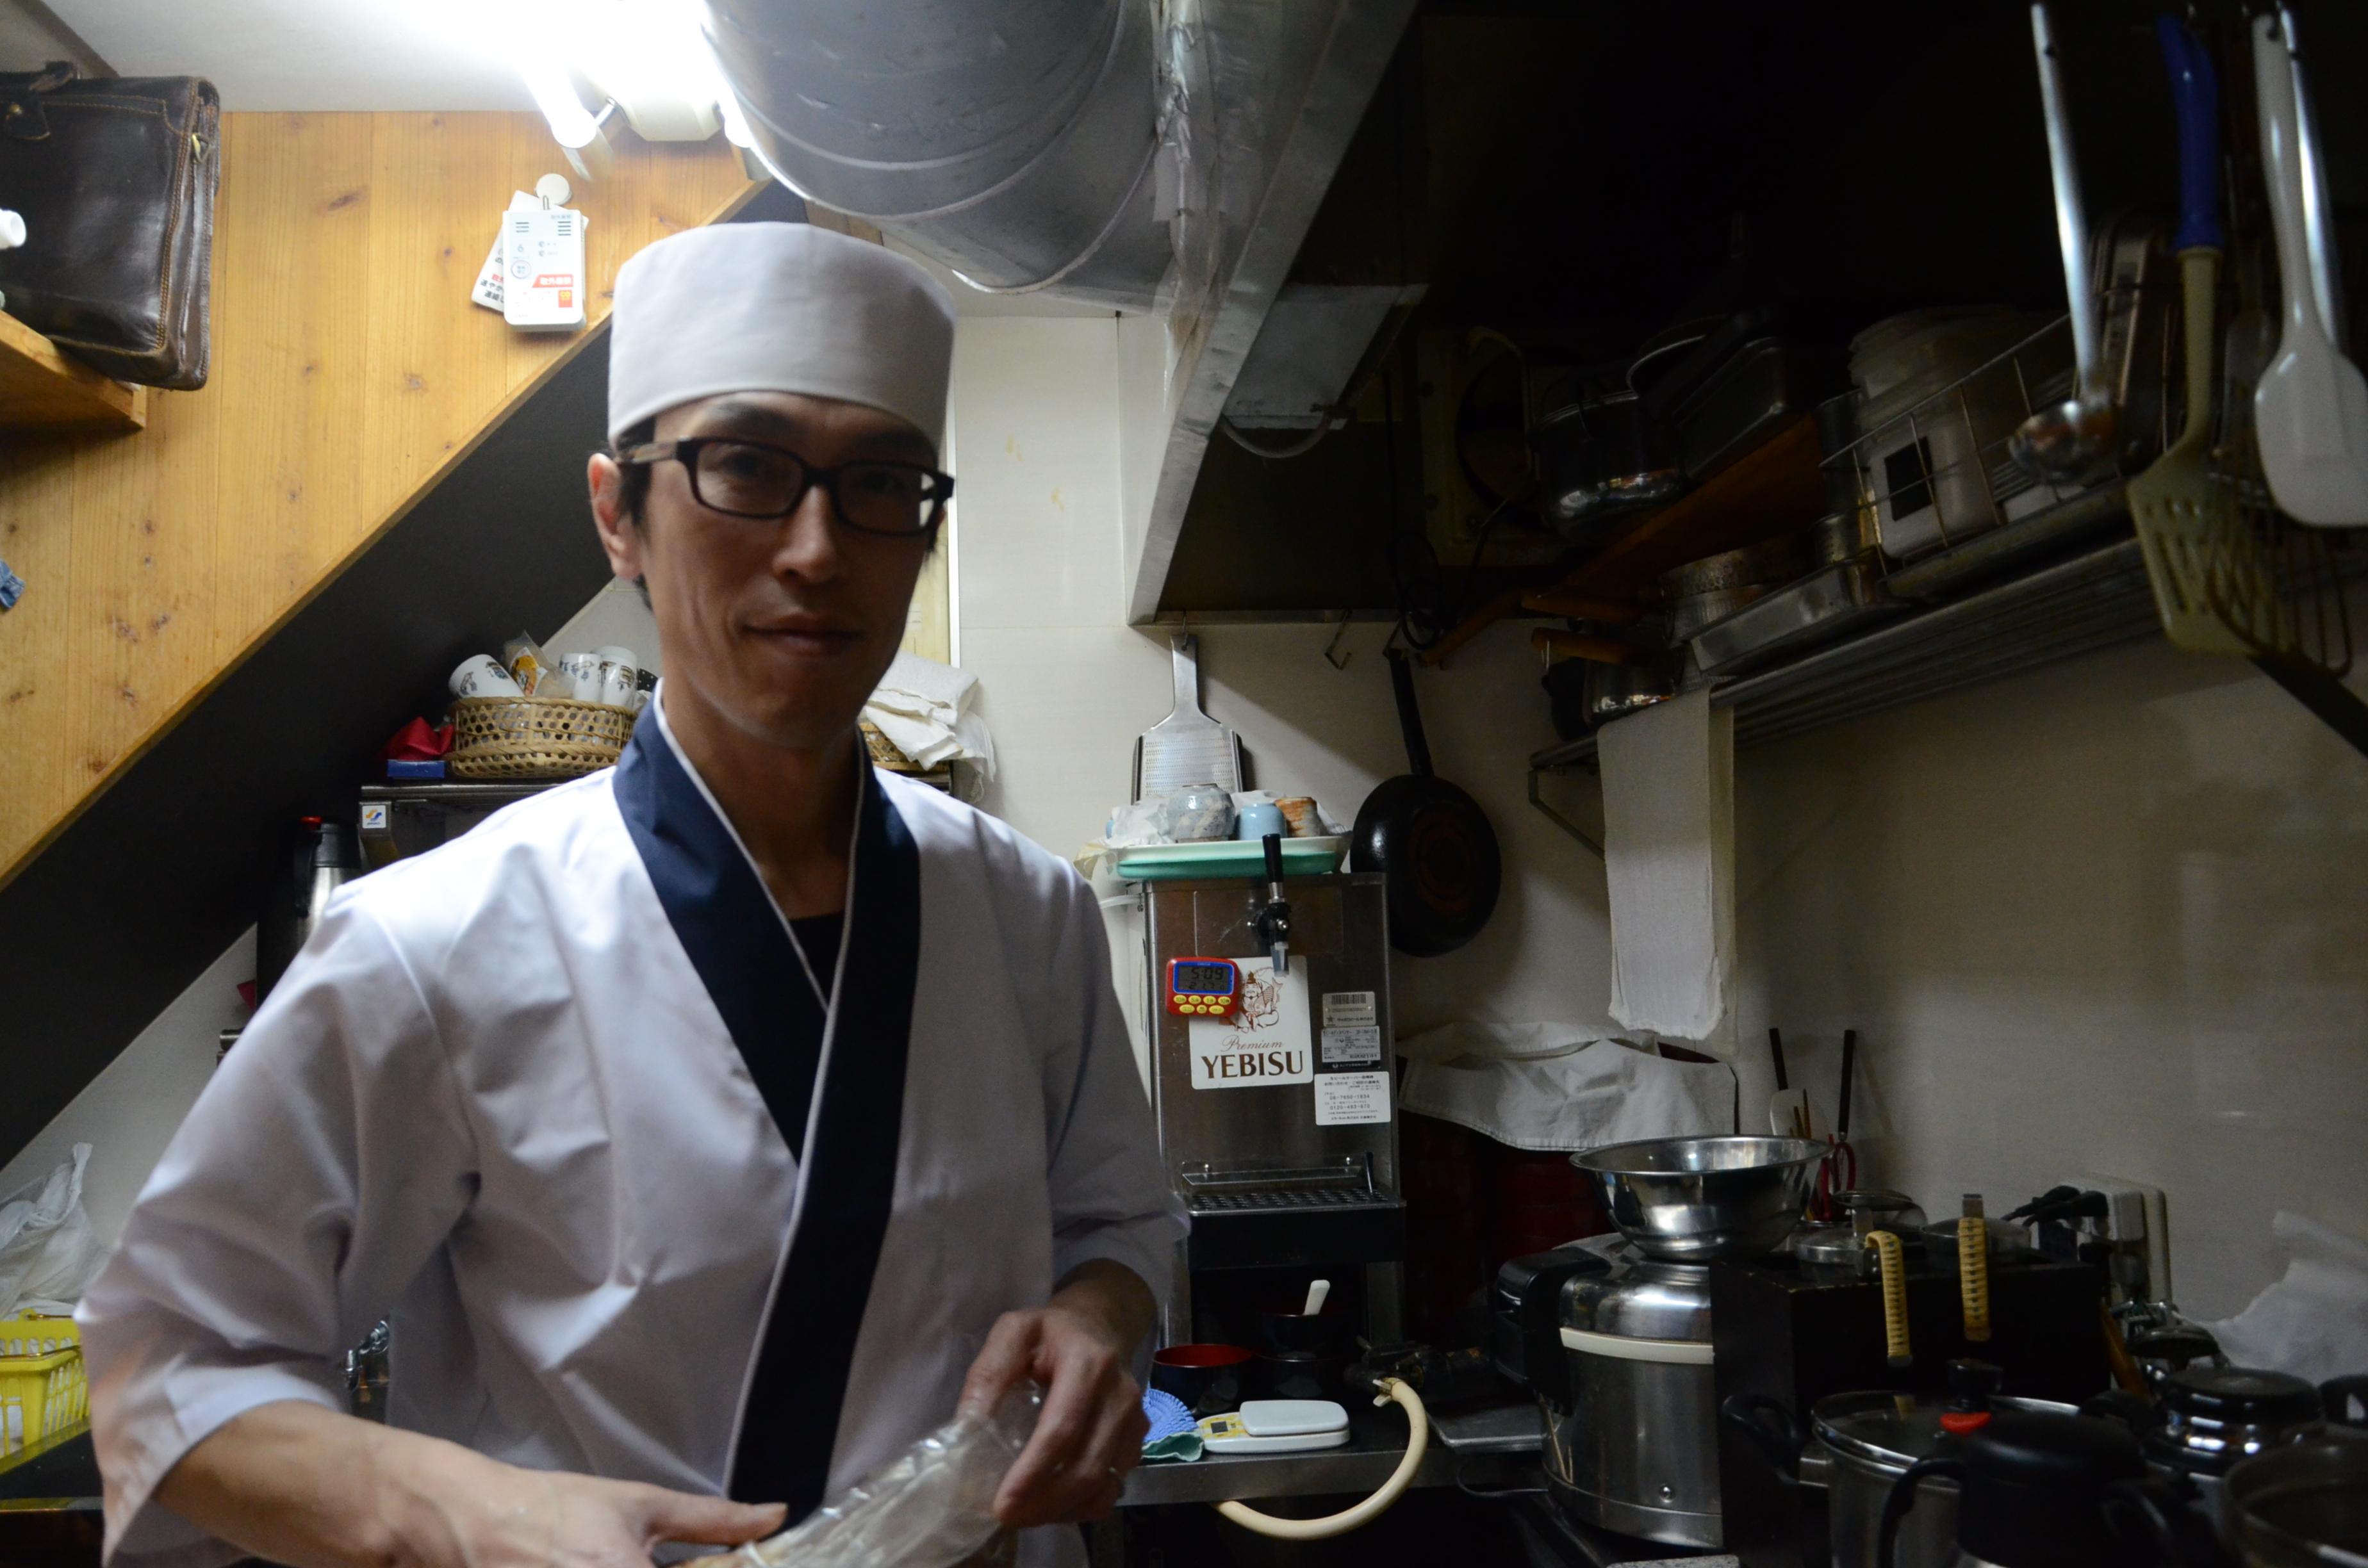 Le chef Obata